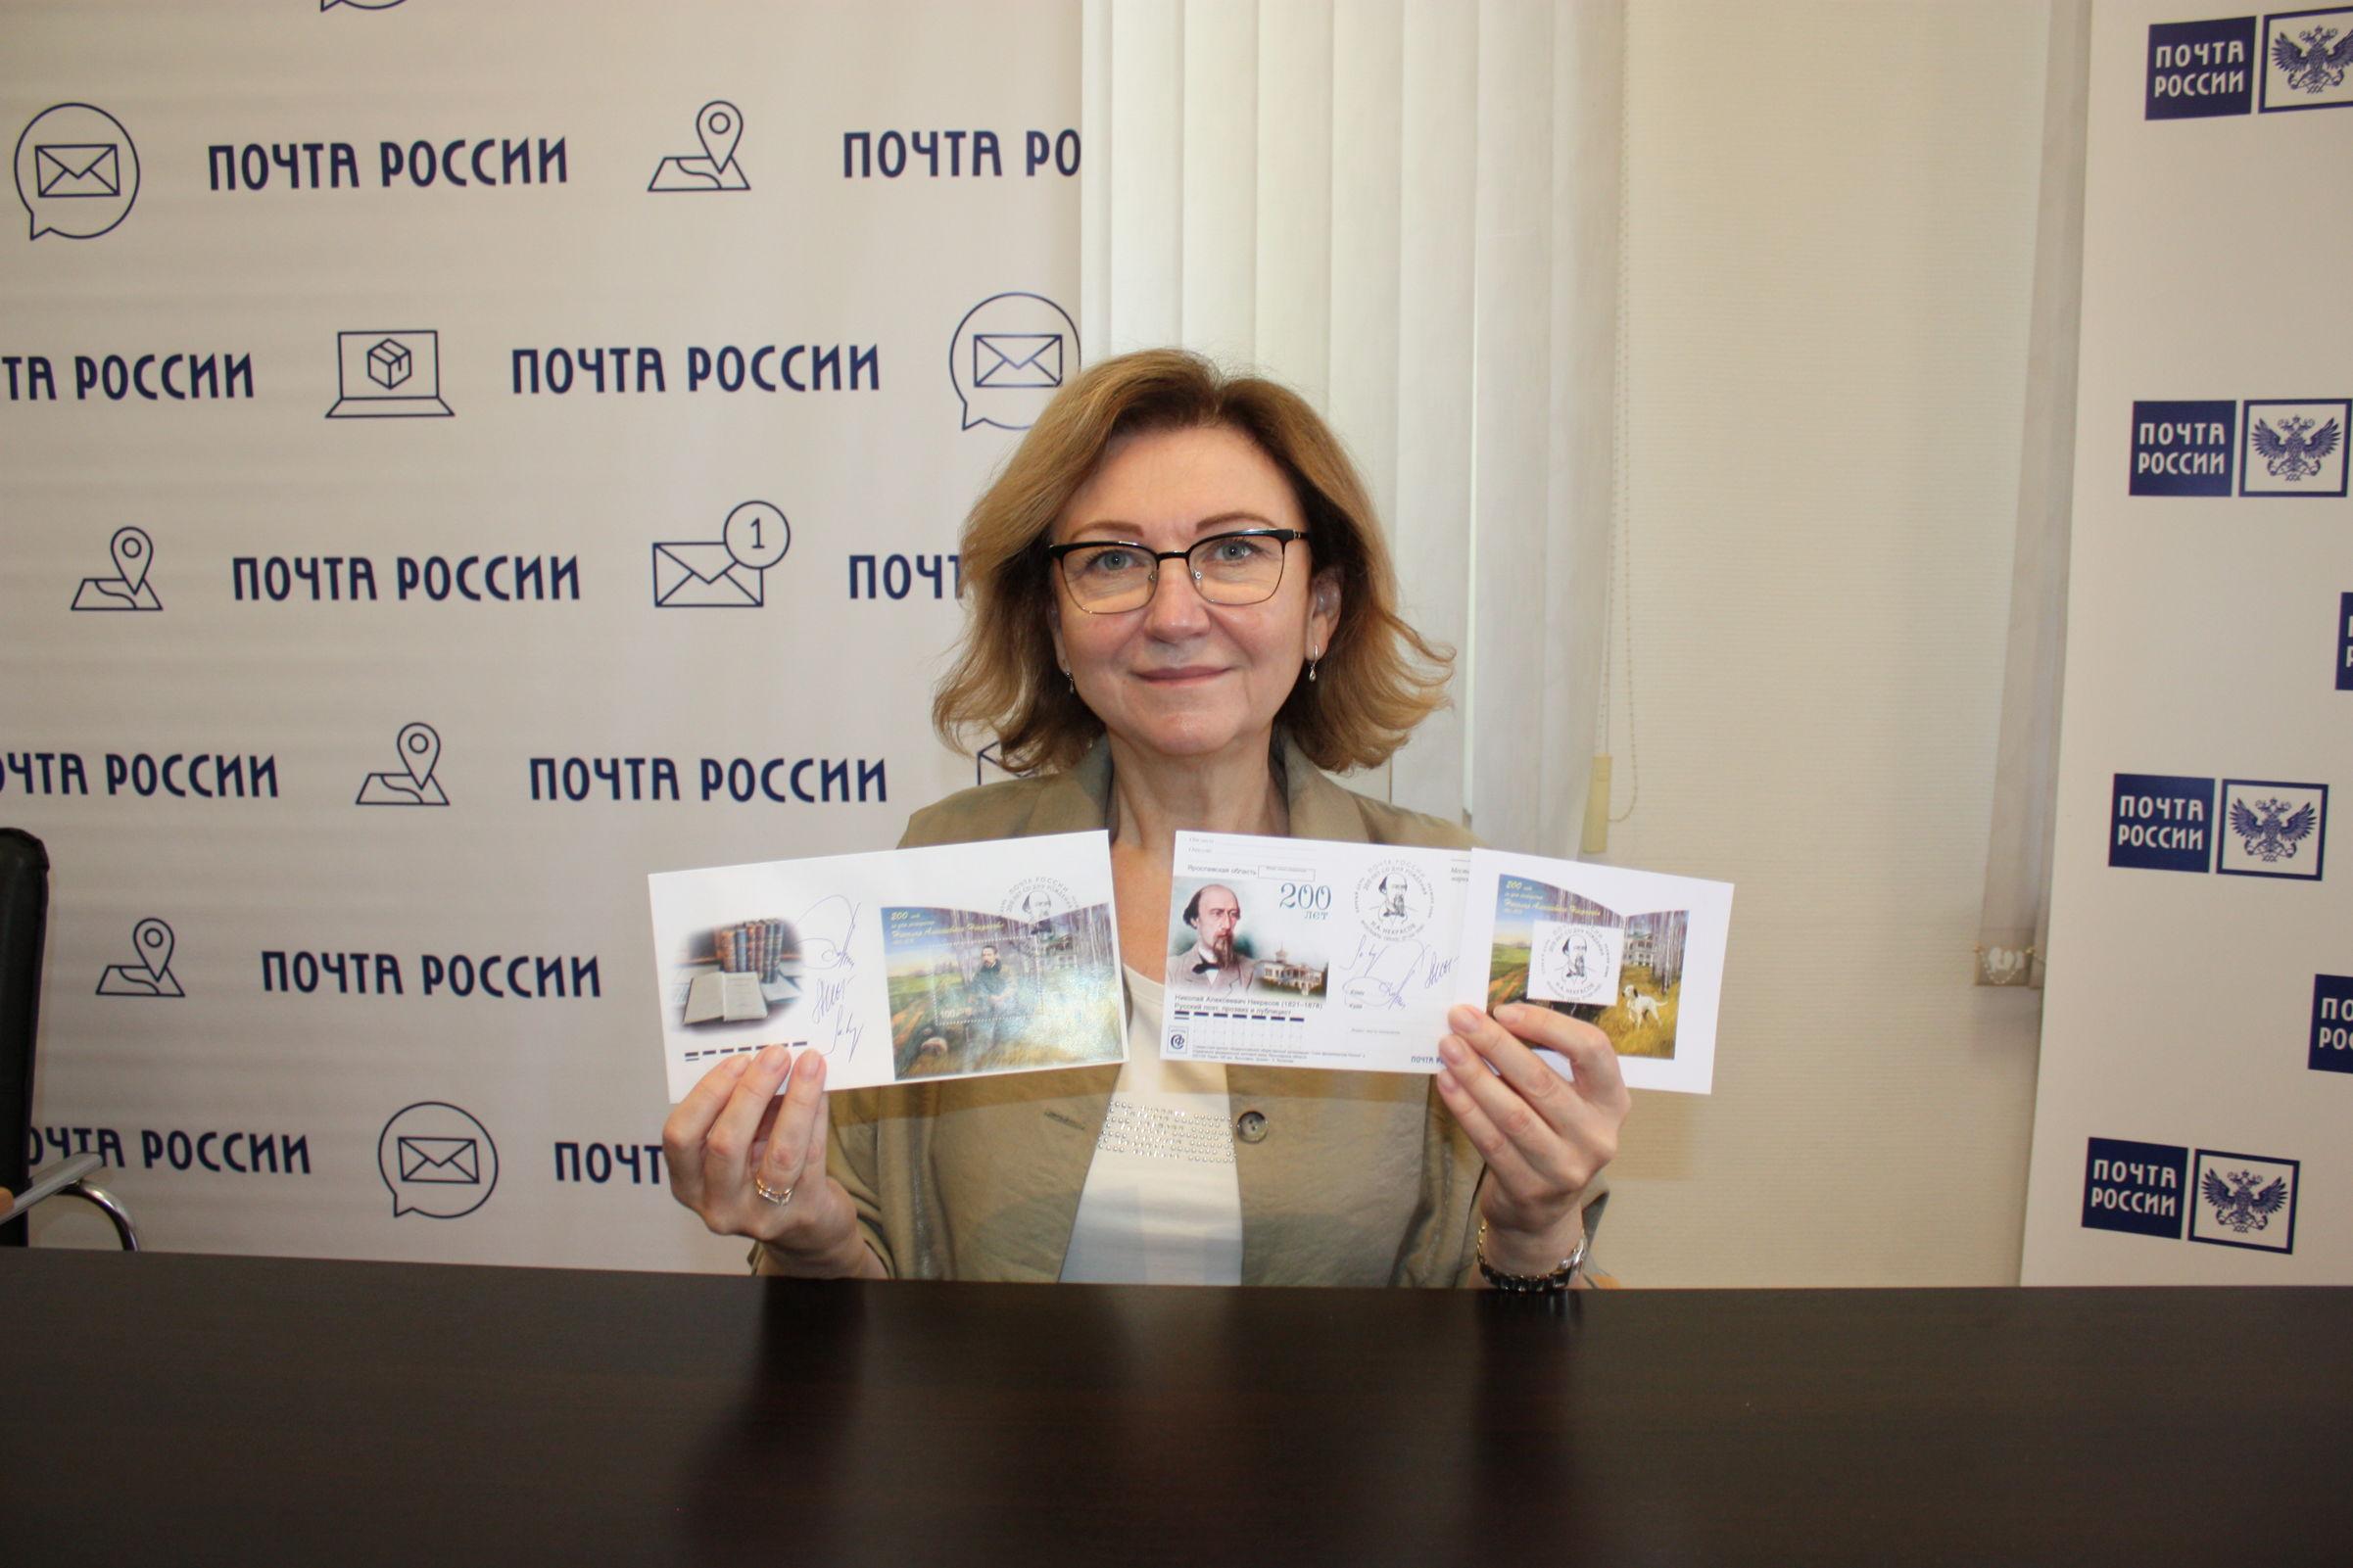 Уникальная марка выпущена к 200-летию Николая Некрасова